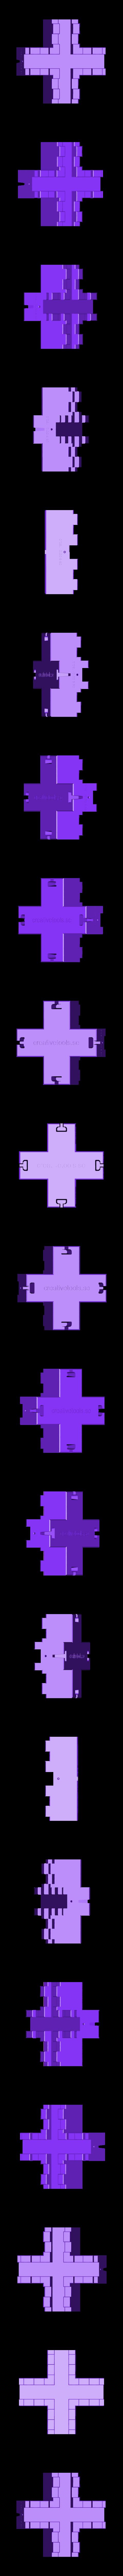 Wall_+_Large_(Modular Castle Playset - 3D-printable)_By_CreativeTools.se.stl Télécharger fichier STL gratuit Plateau modulaire de château (imprimable en 3D) • Modèle à imprimer en 3D, CreativeTools